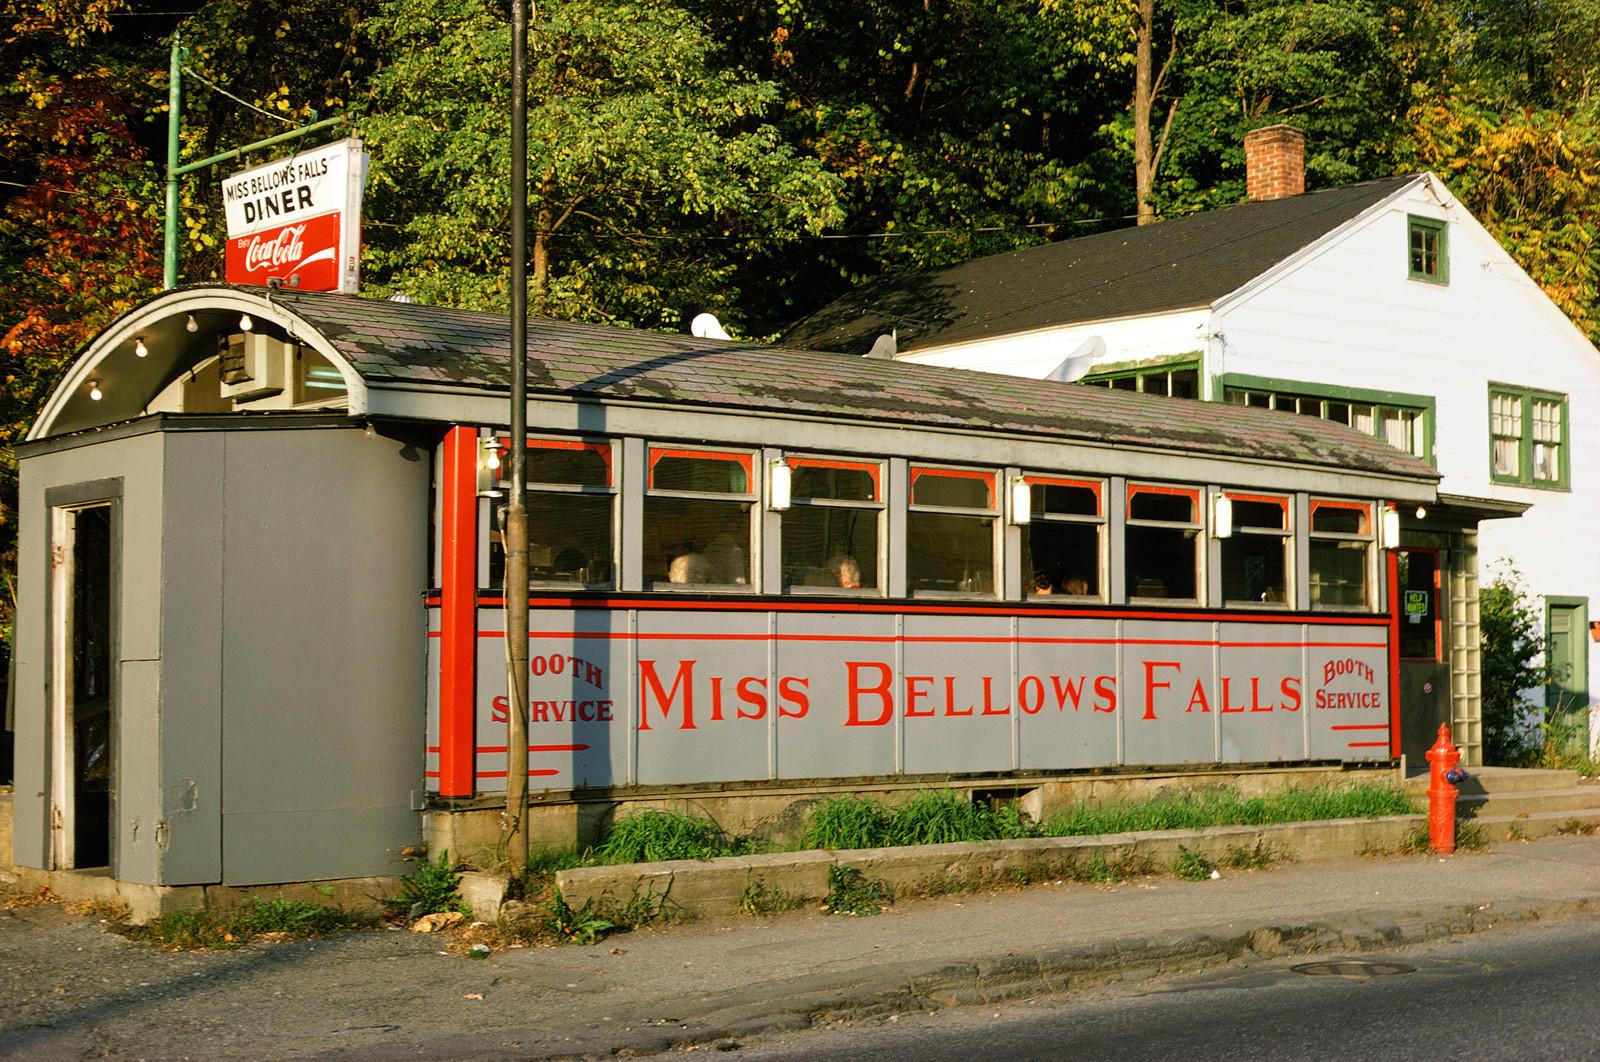 Miss Bellows Falls Diner, Bellows Falls, Vt.